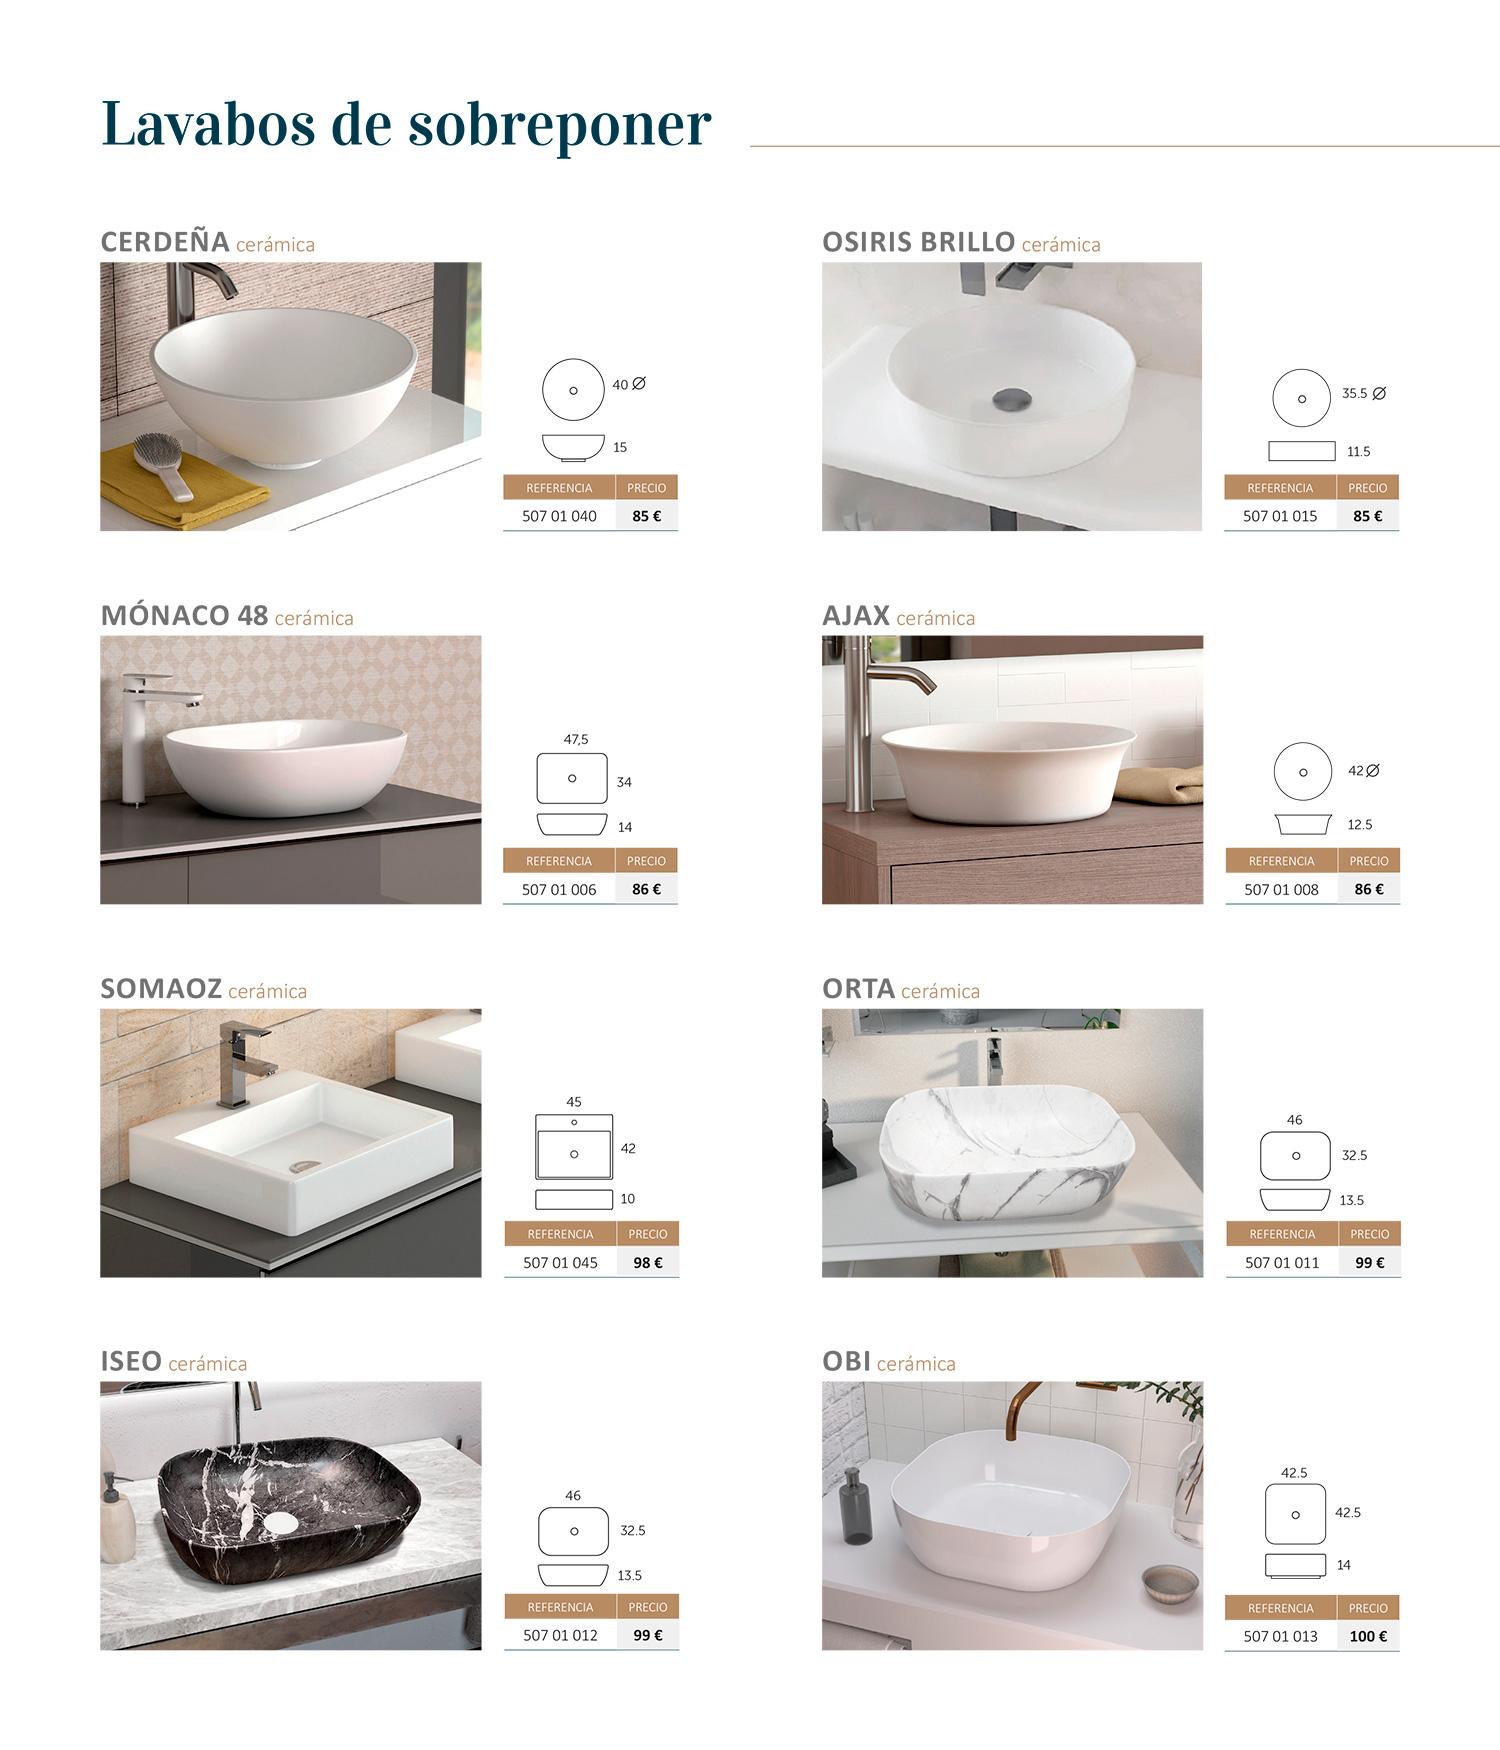 Mueble de baño Lavabos Sobreponer Sánchez Baños